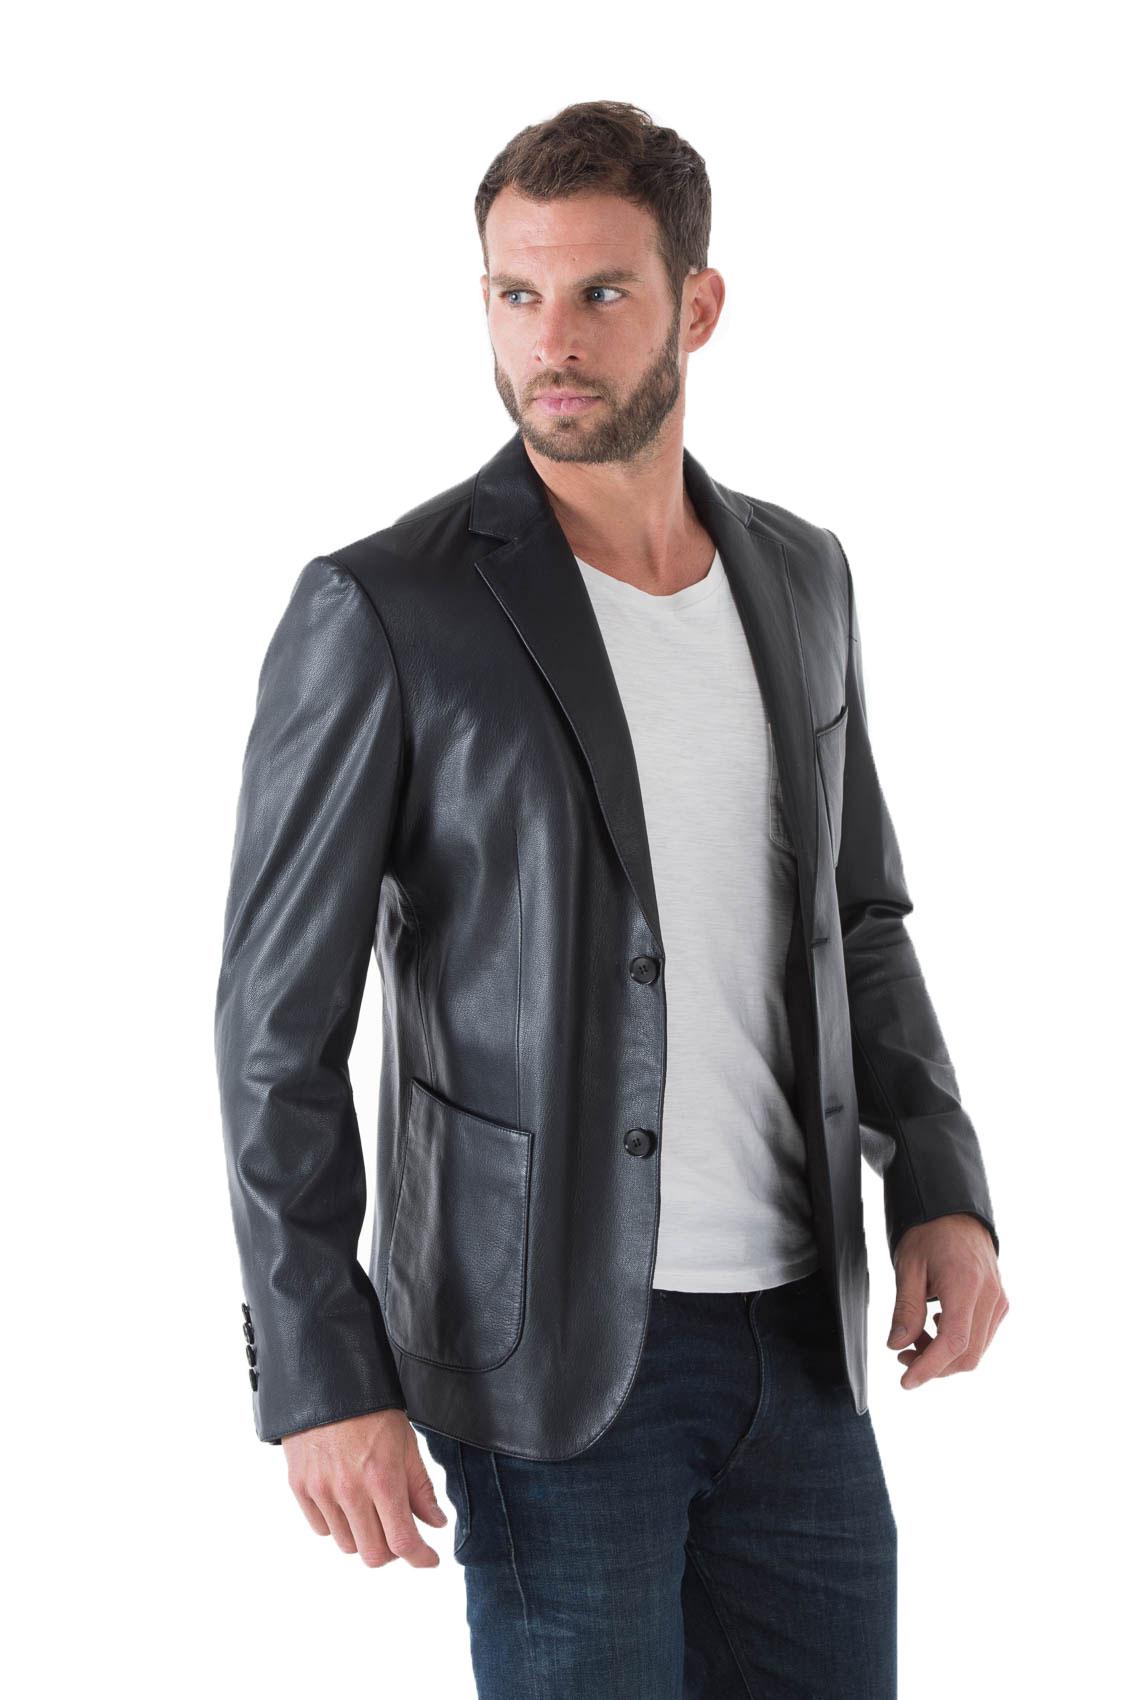 c100b6efa8f2 Découvrez le confort de la technologie Air avec les blazer homme cuir  agneau. Découvrez tous les styles de blazer homme cuir agneau pour hommes,  ...